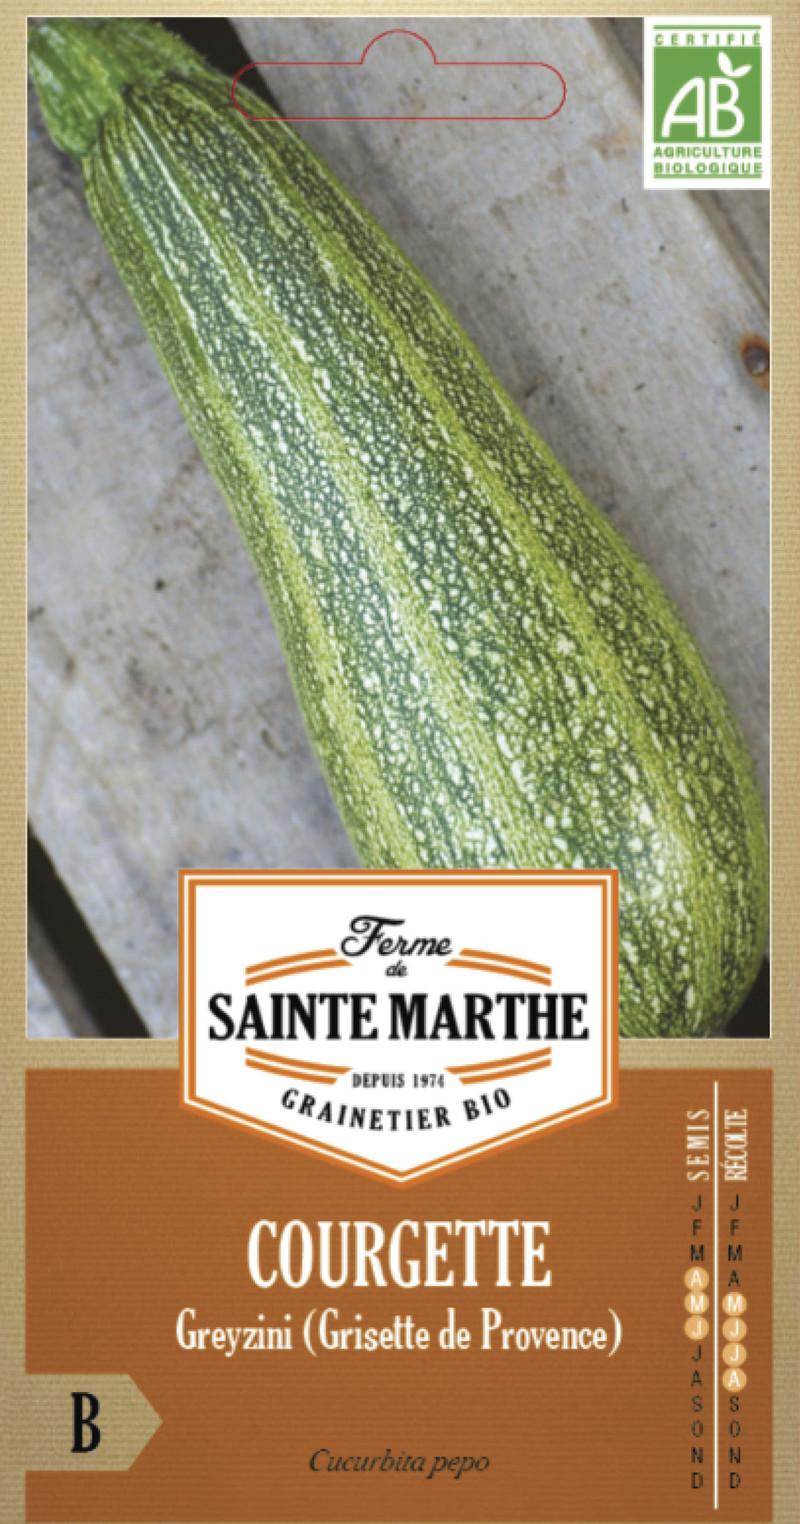 courgette greyzini grisette de provence bio la ferme de sainte marthe graine semence potager sachet - Voir en grand